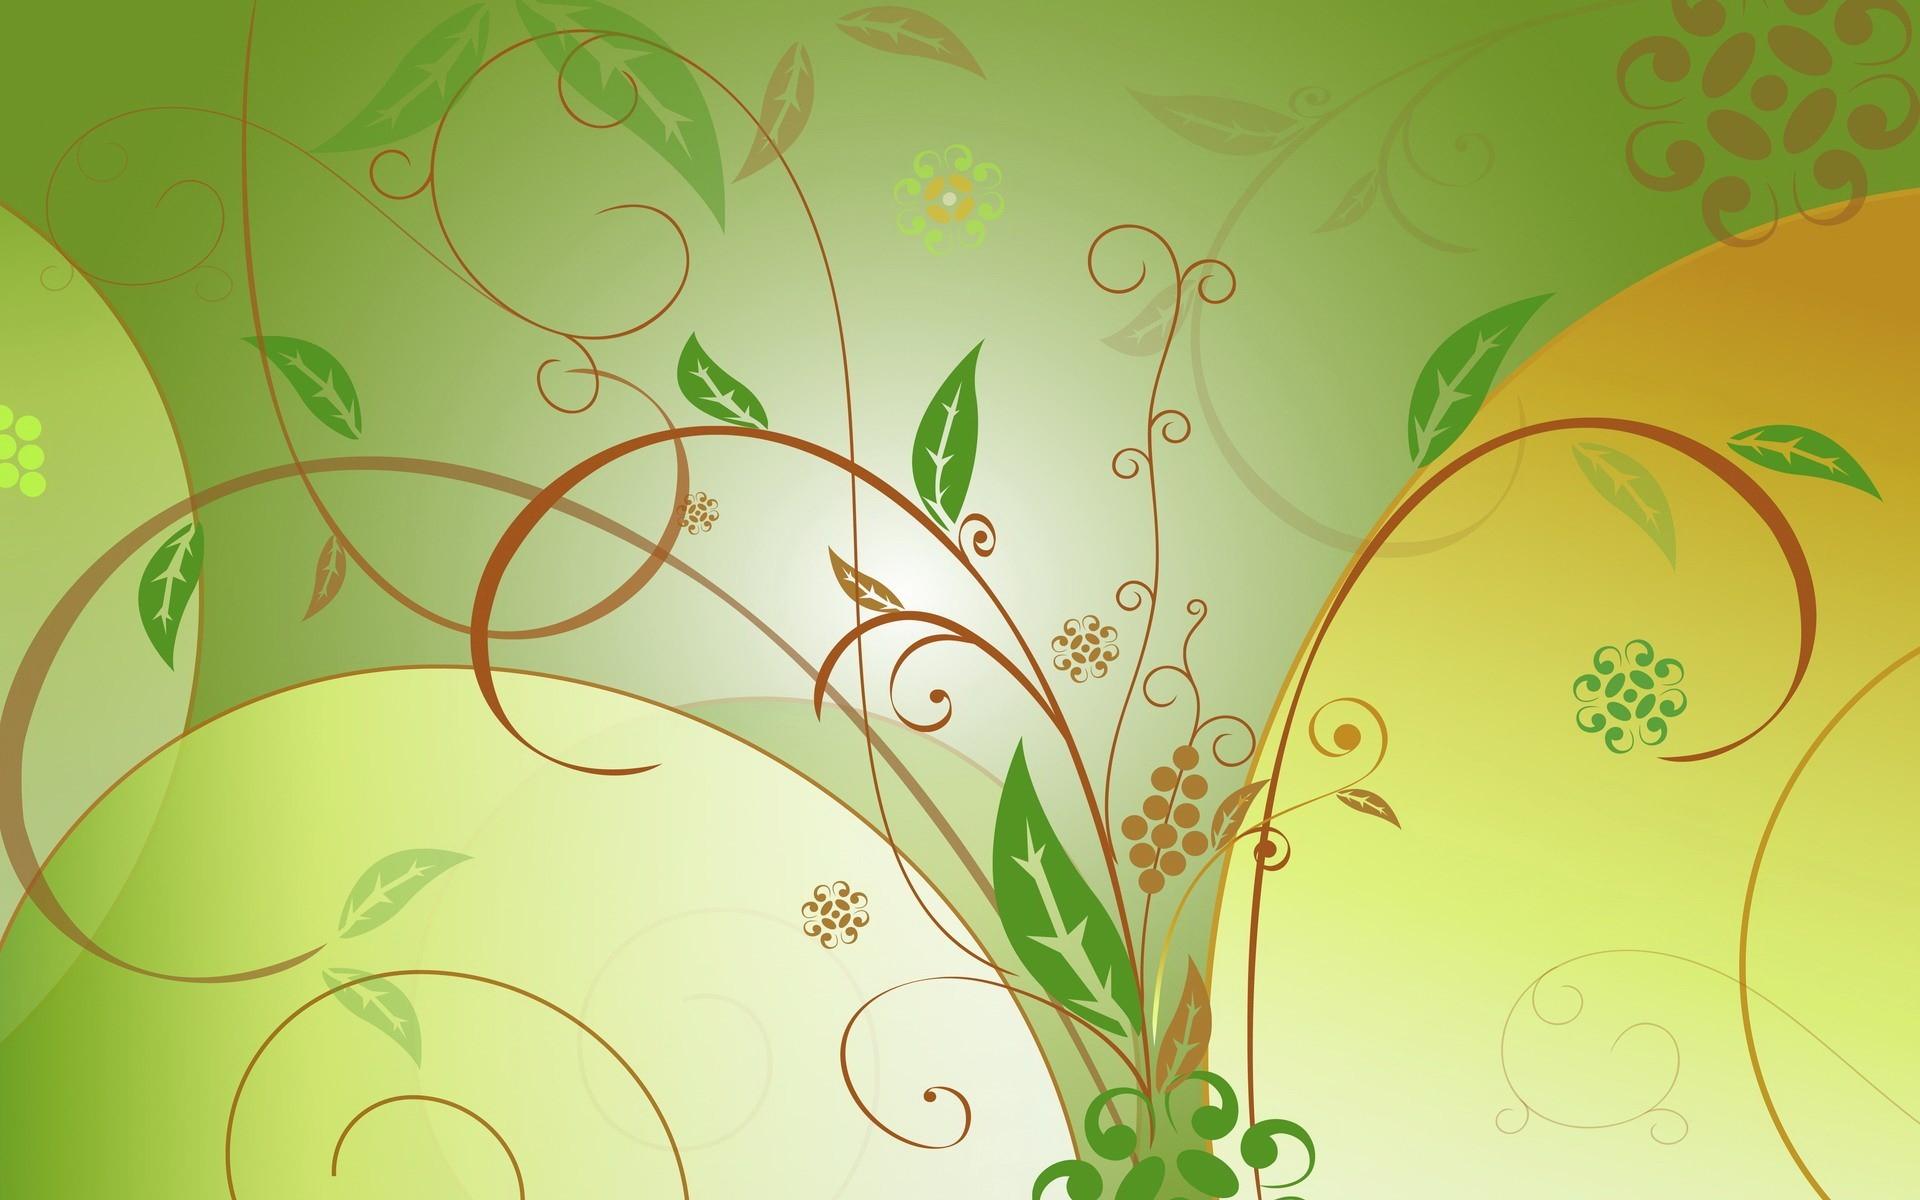 Приколы знаки, открытка с зеленым фоном